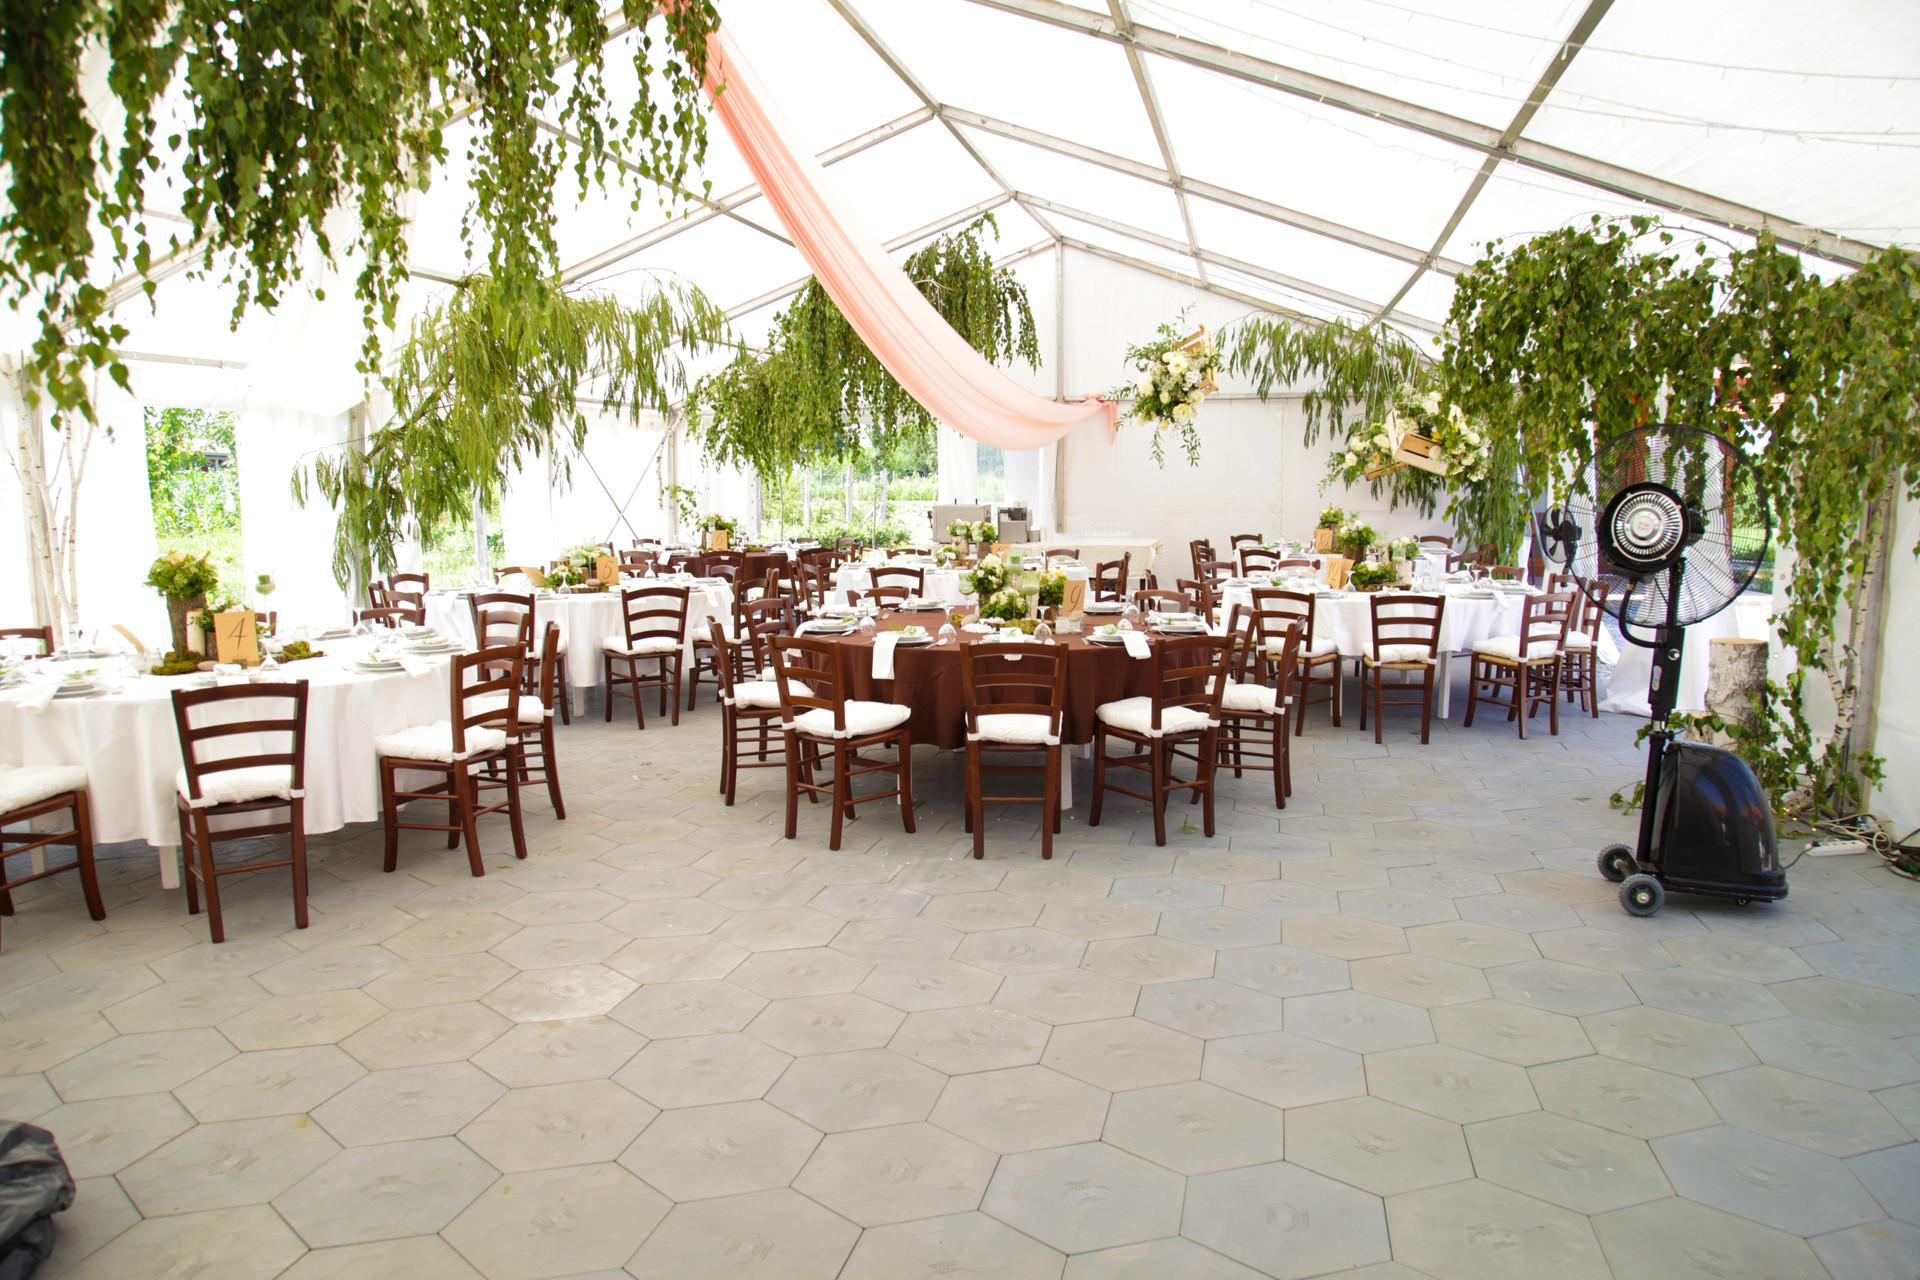 Öszkép az esküvői sátorról natur hangulatban